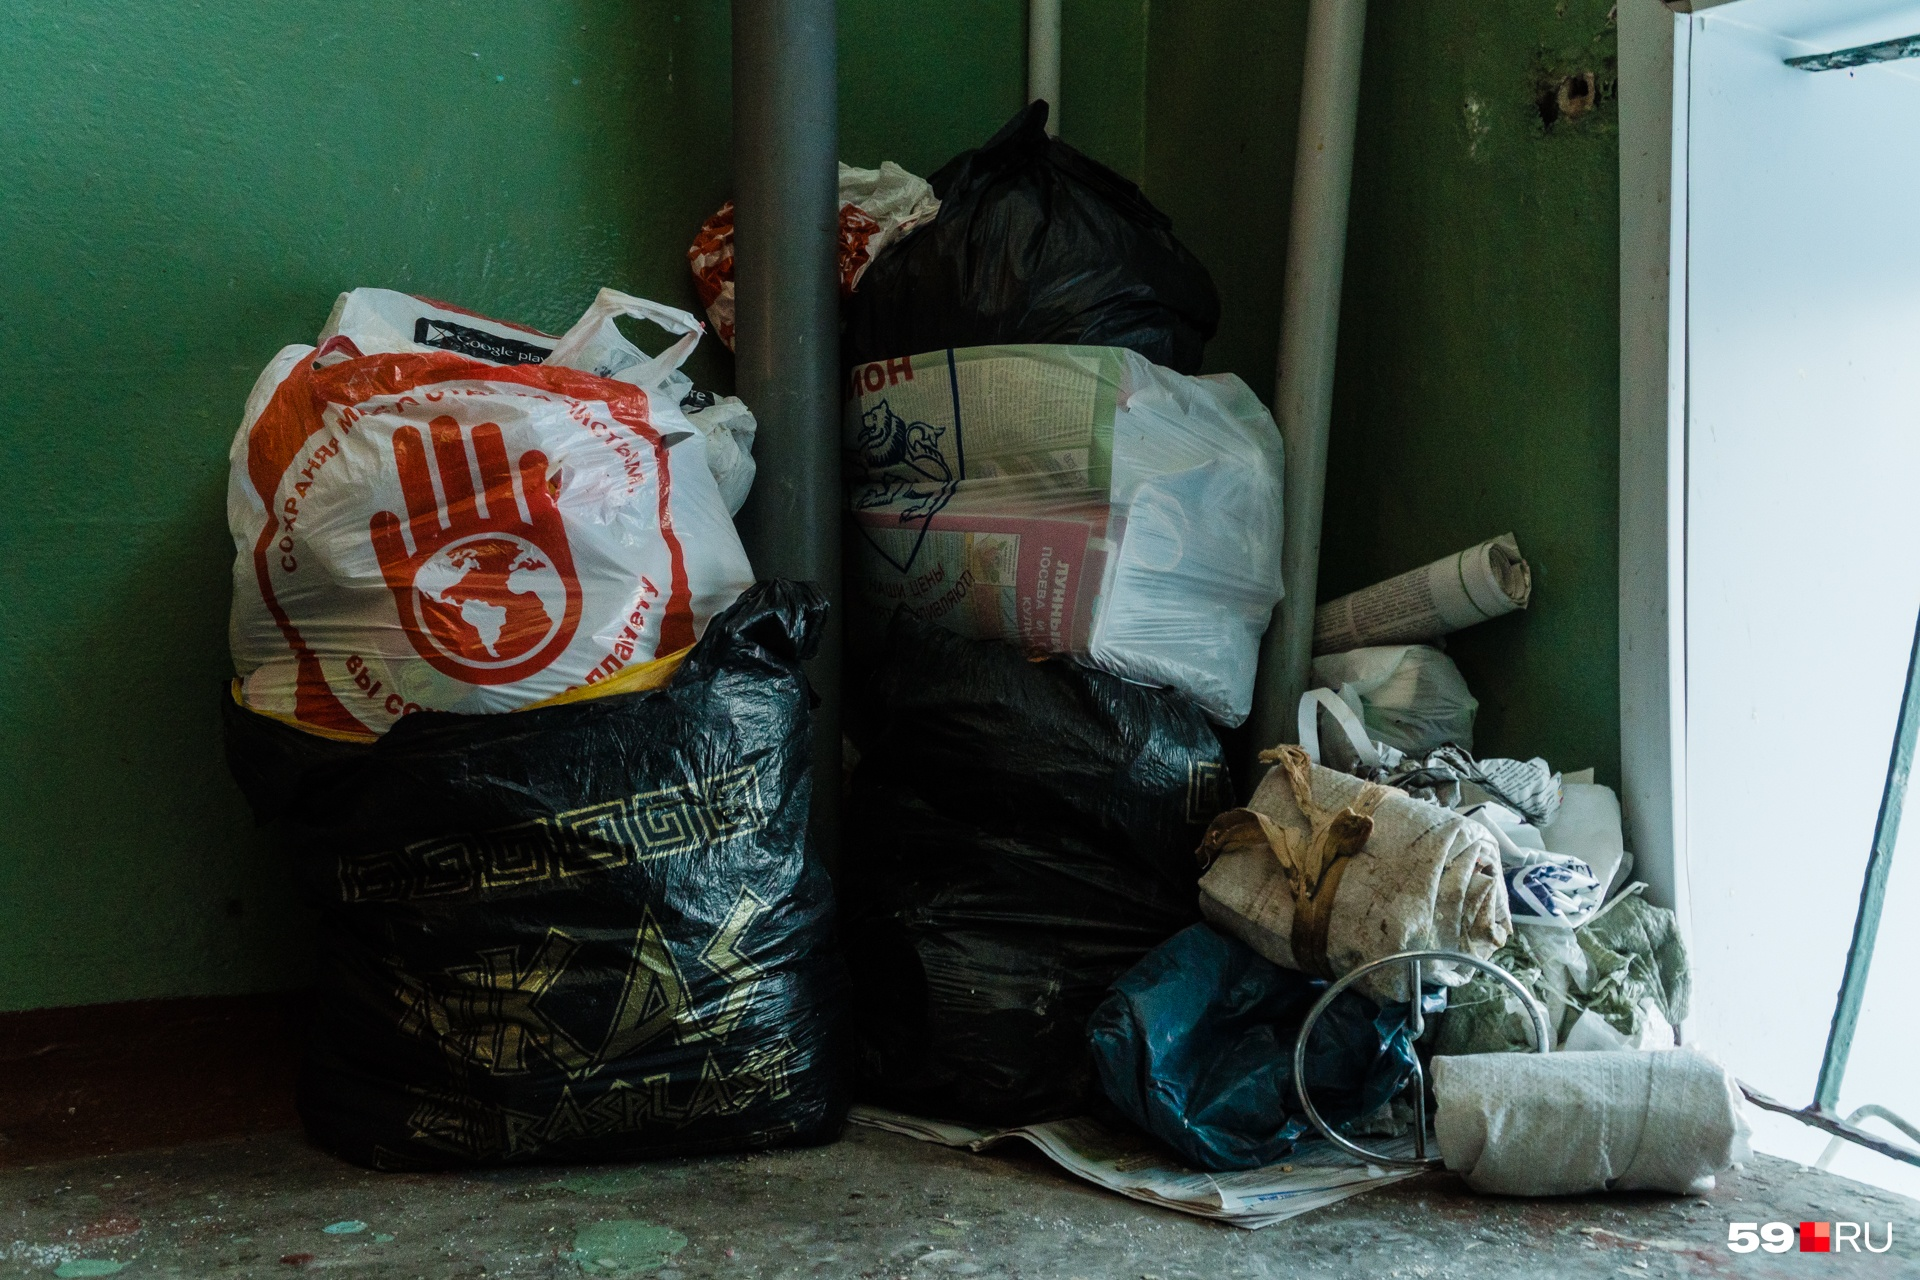 В подъезде тоже лежит мусор. Его Валентина Александровна принесла с помойки вчера вечером